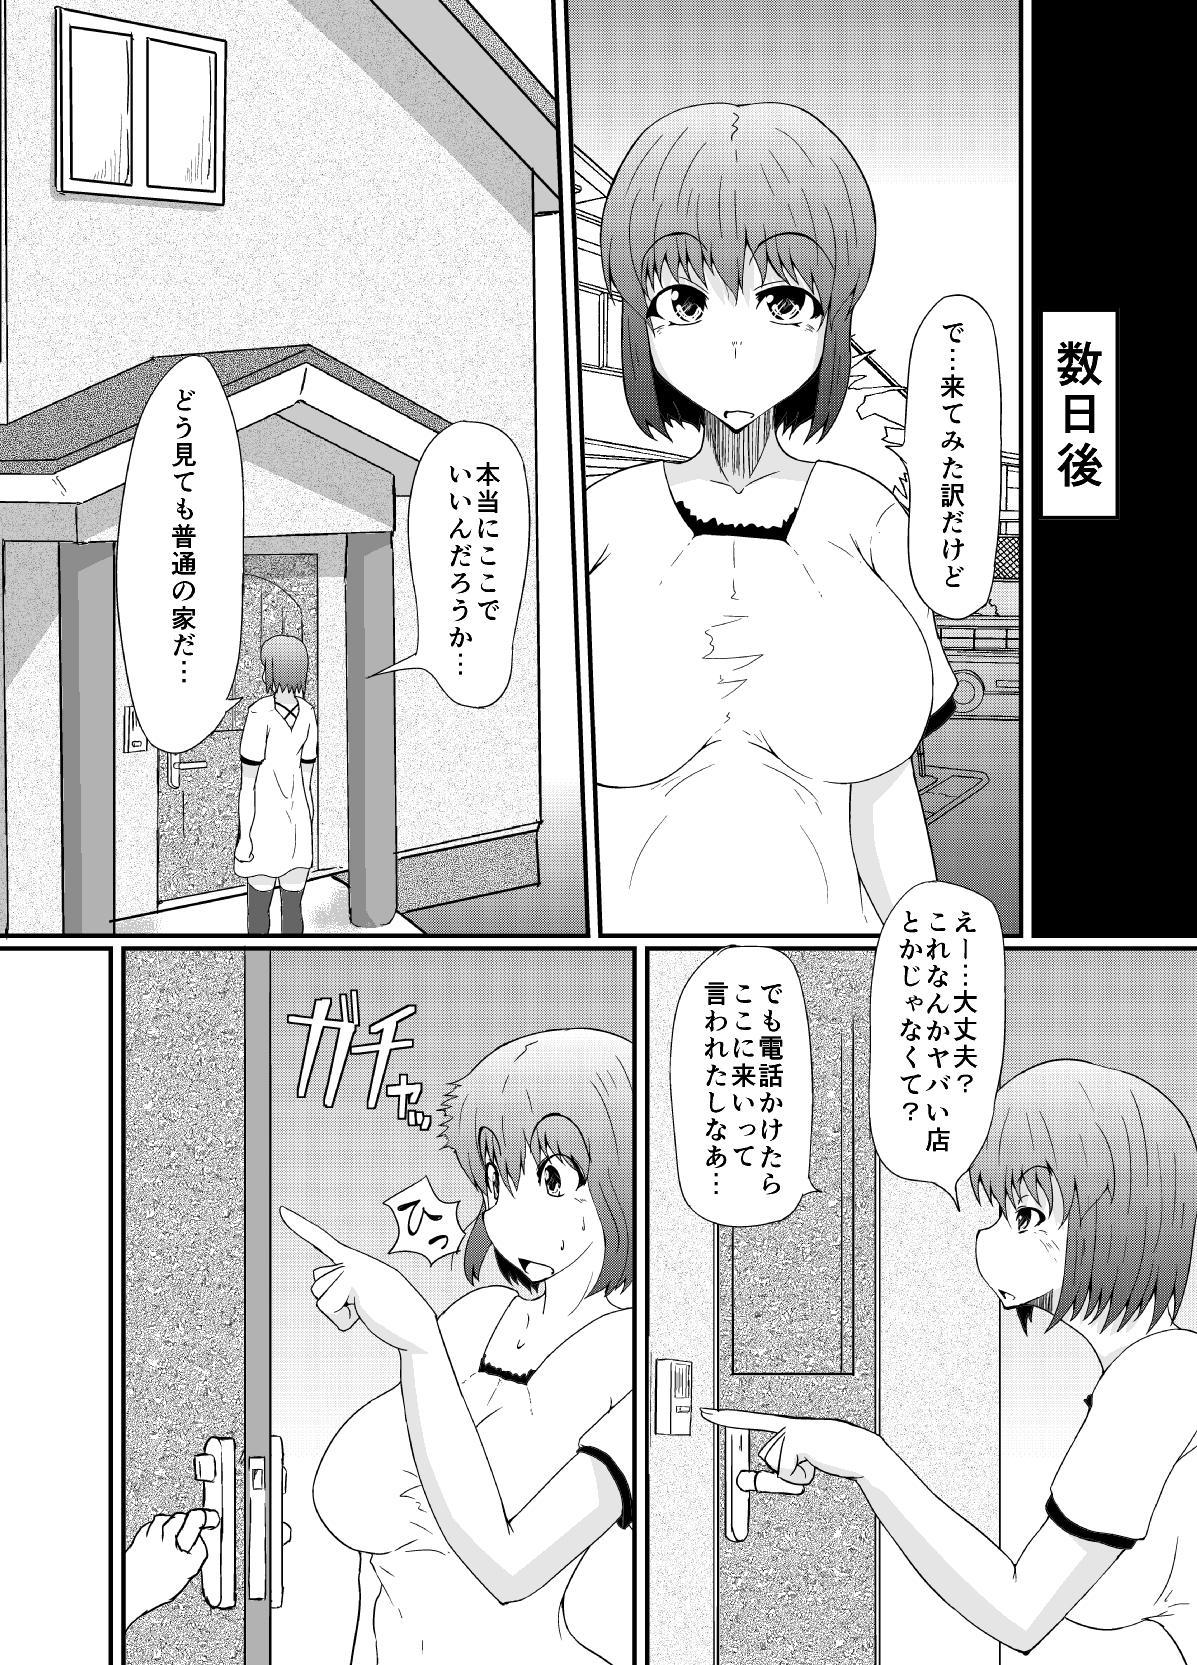 Futanari no Watashi ga NH Health ni Itte Mita Hanashi 4